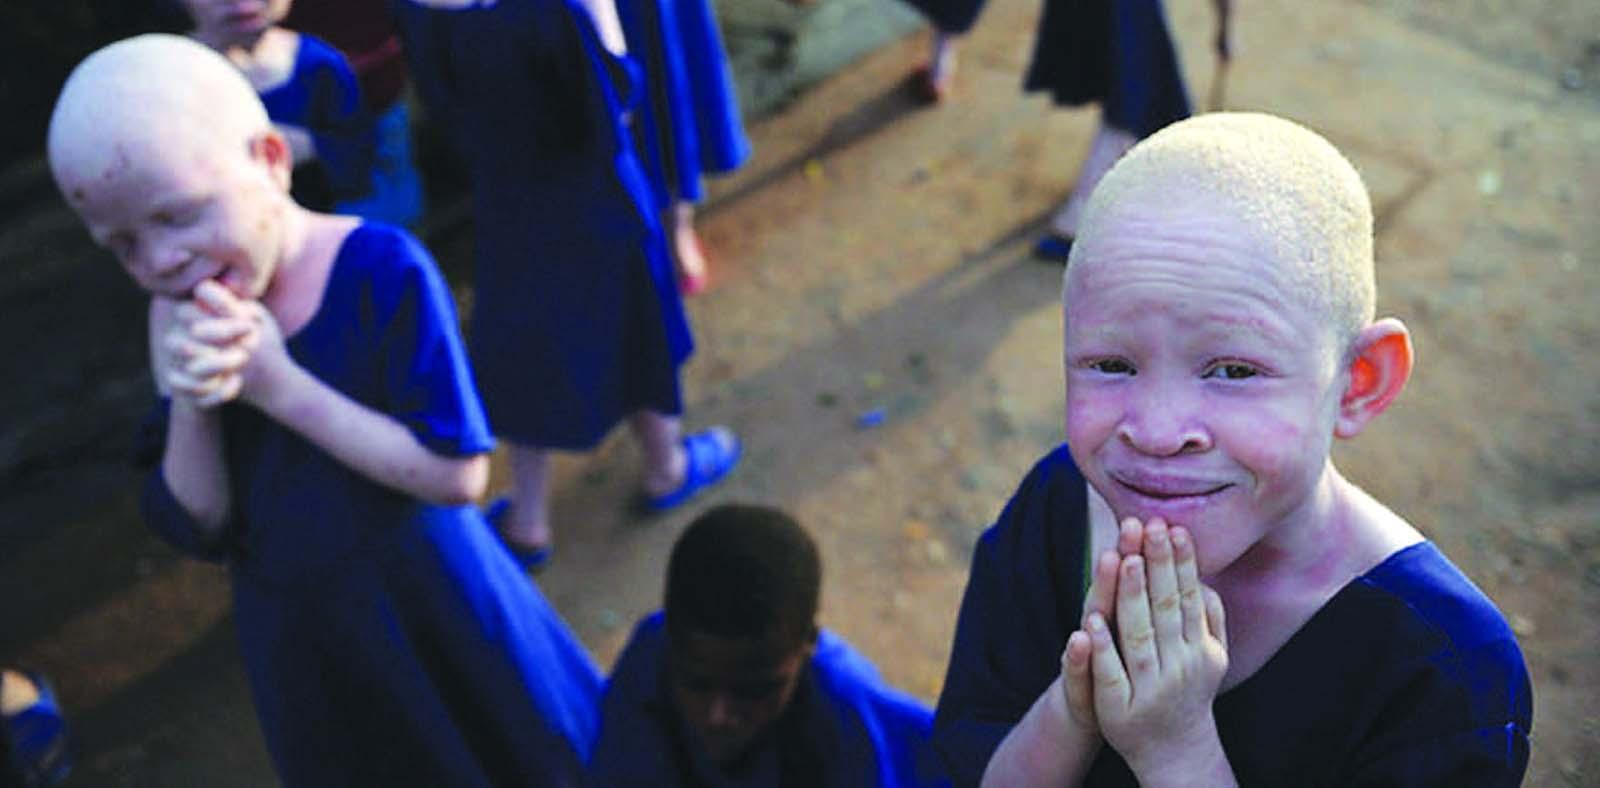 albinoer i afrika